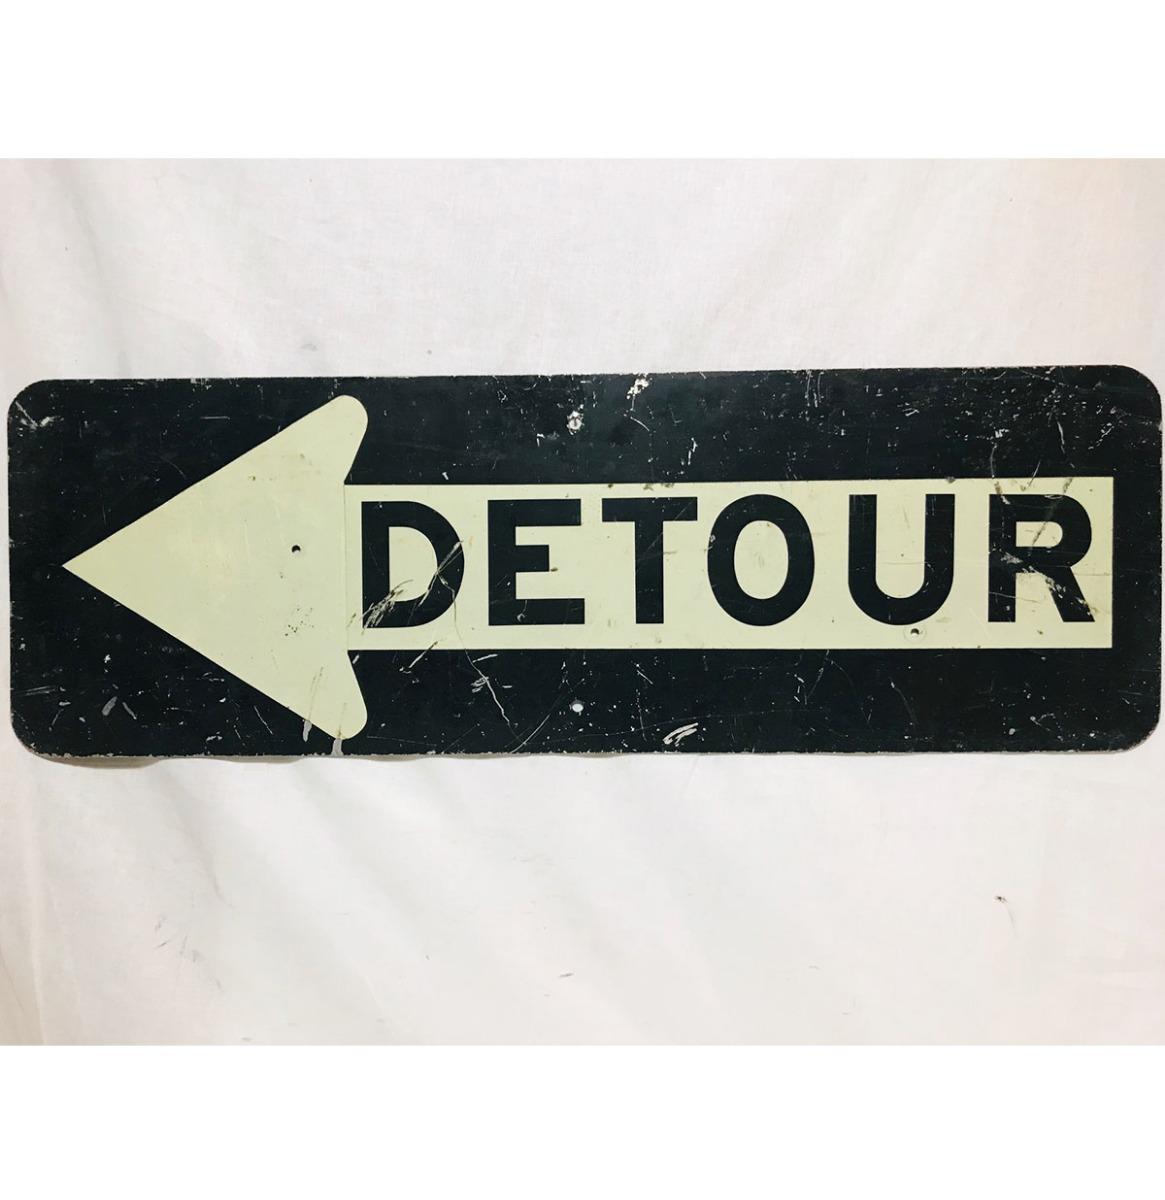 Detour Straatbord - Origineel - Medium